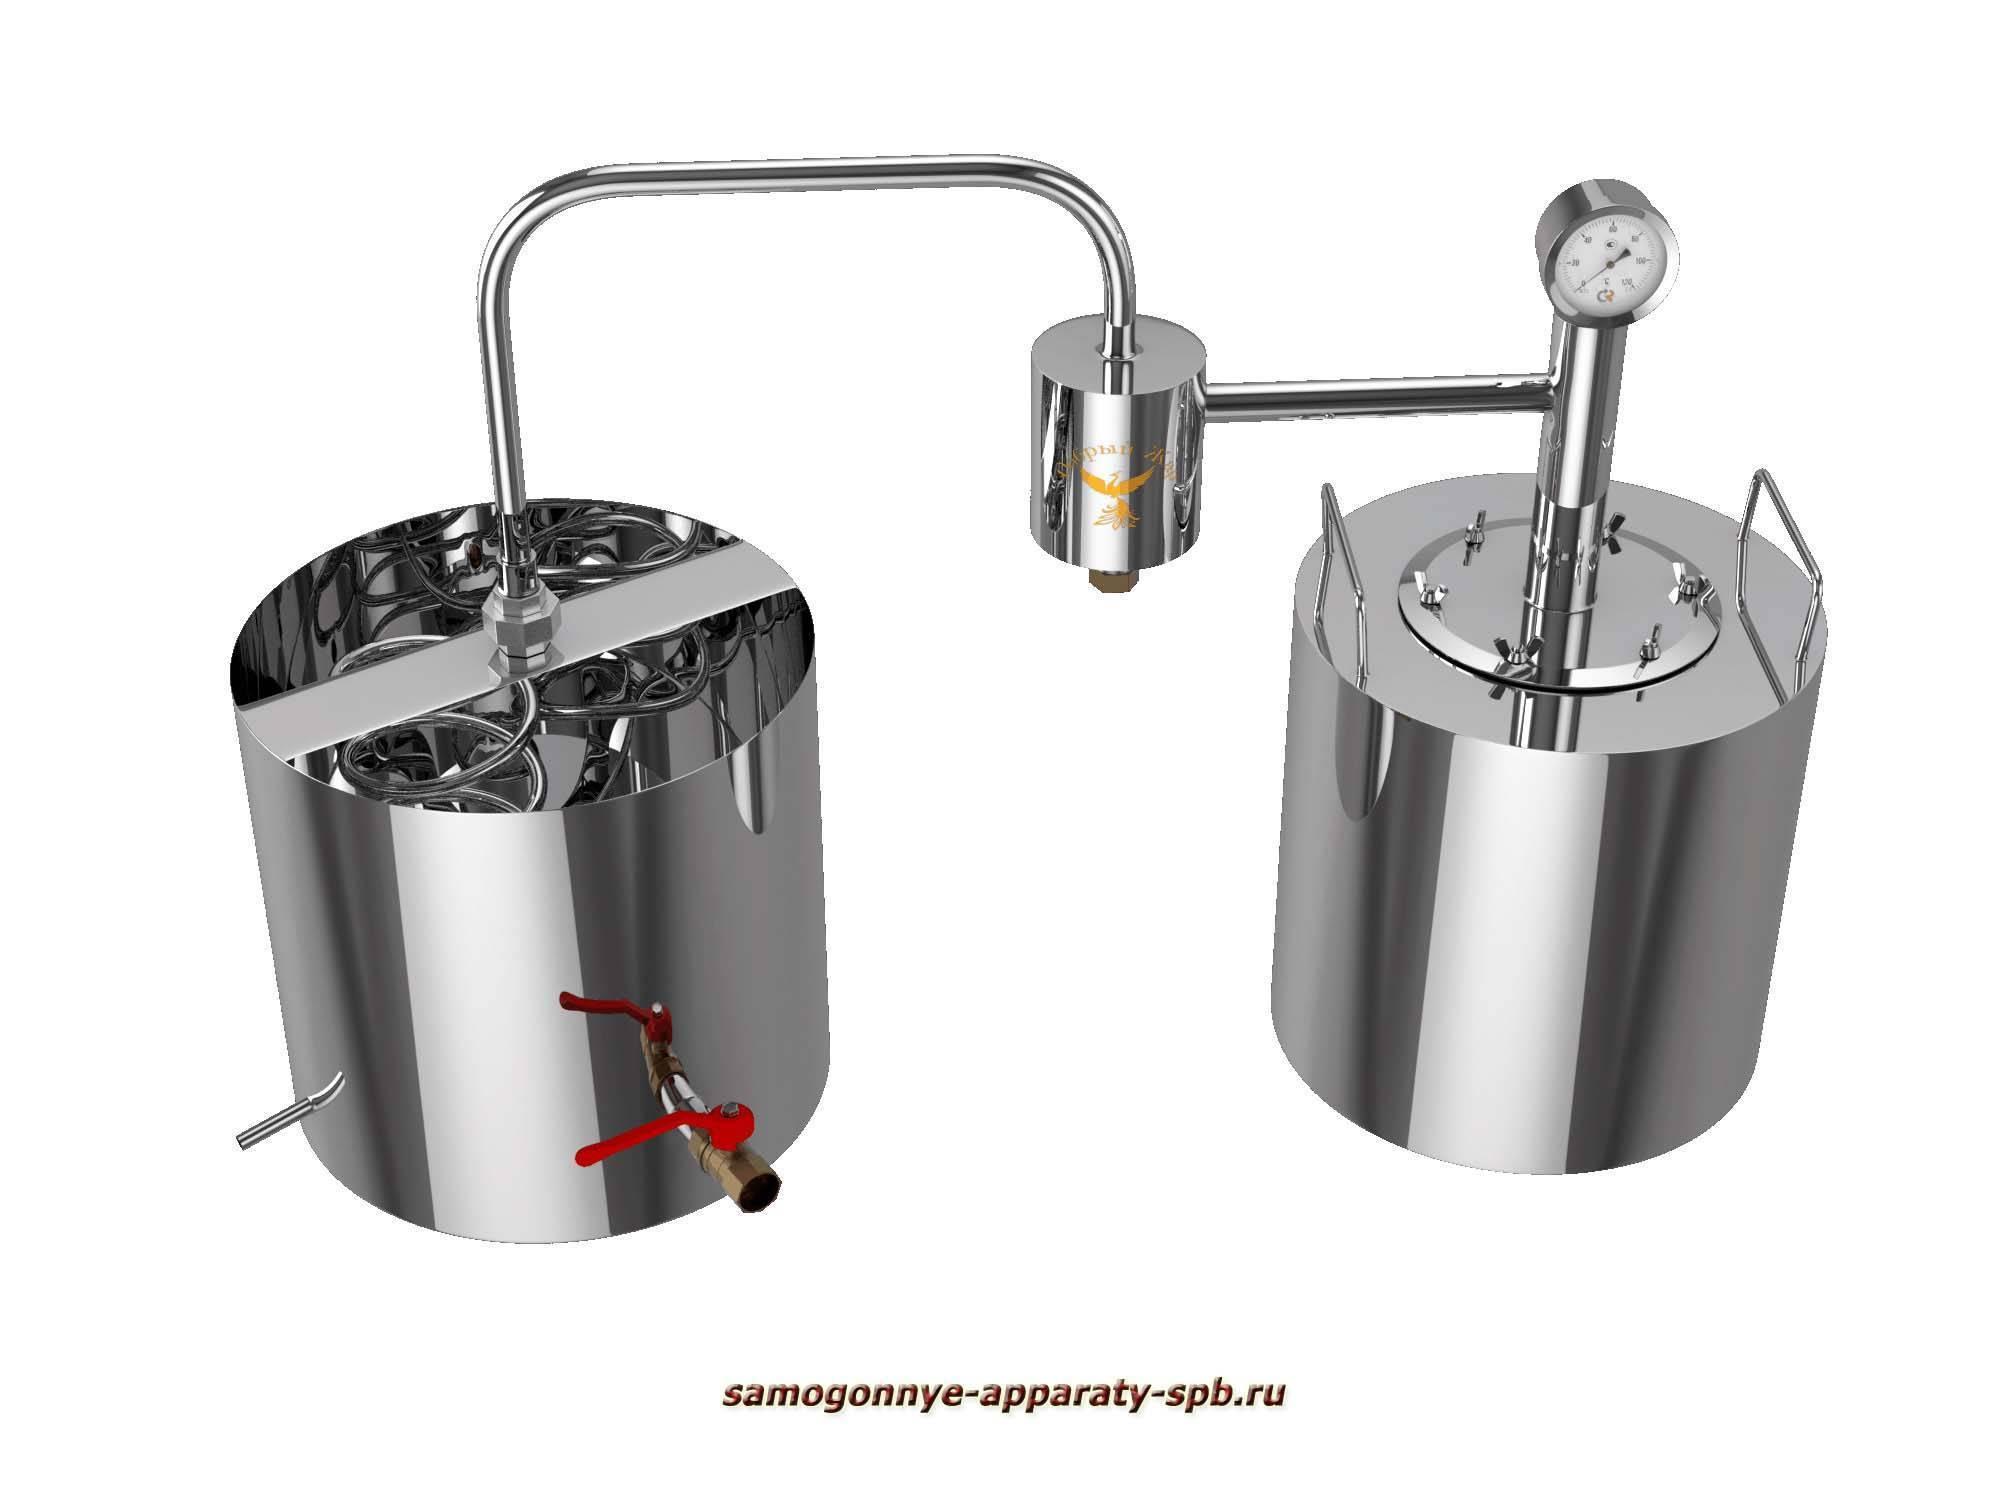 Виды и характеристики самогонных аппаратов «Добрый жар»